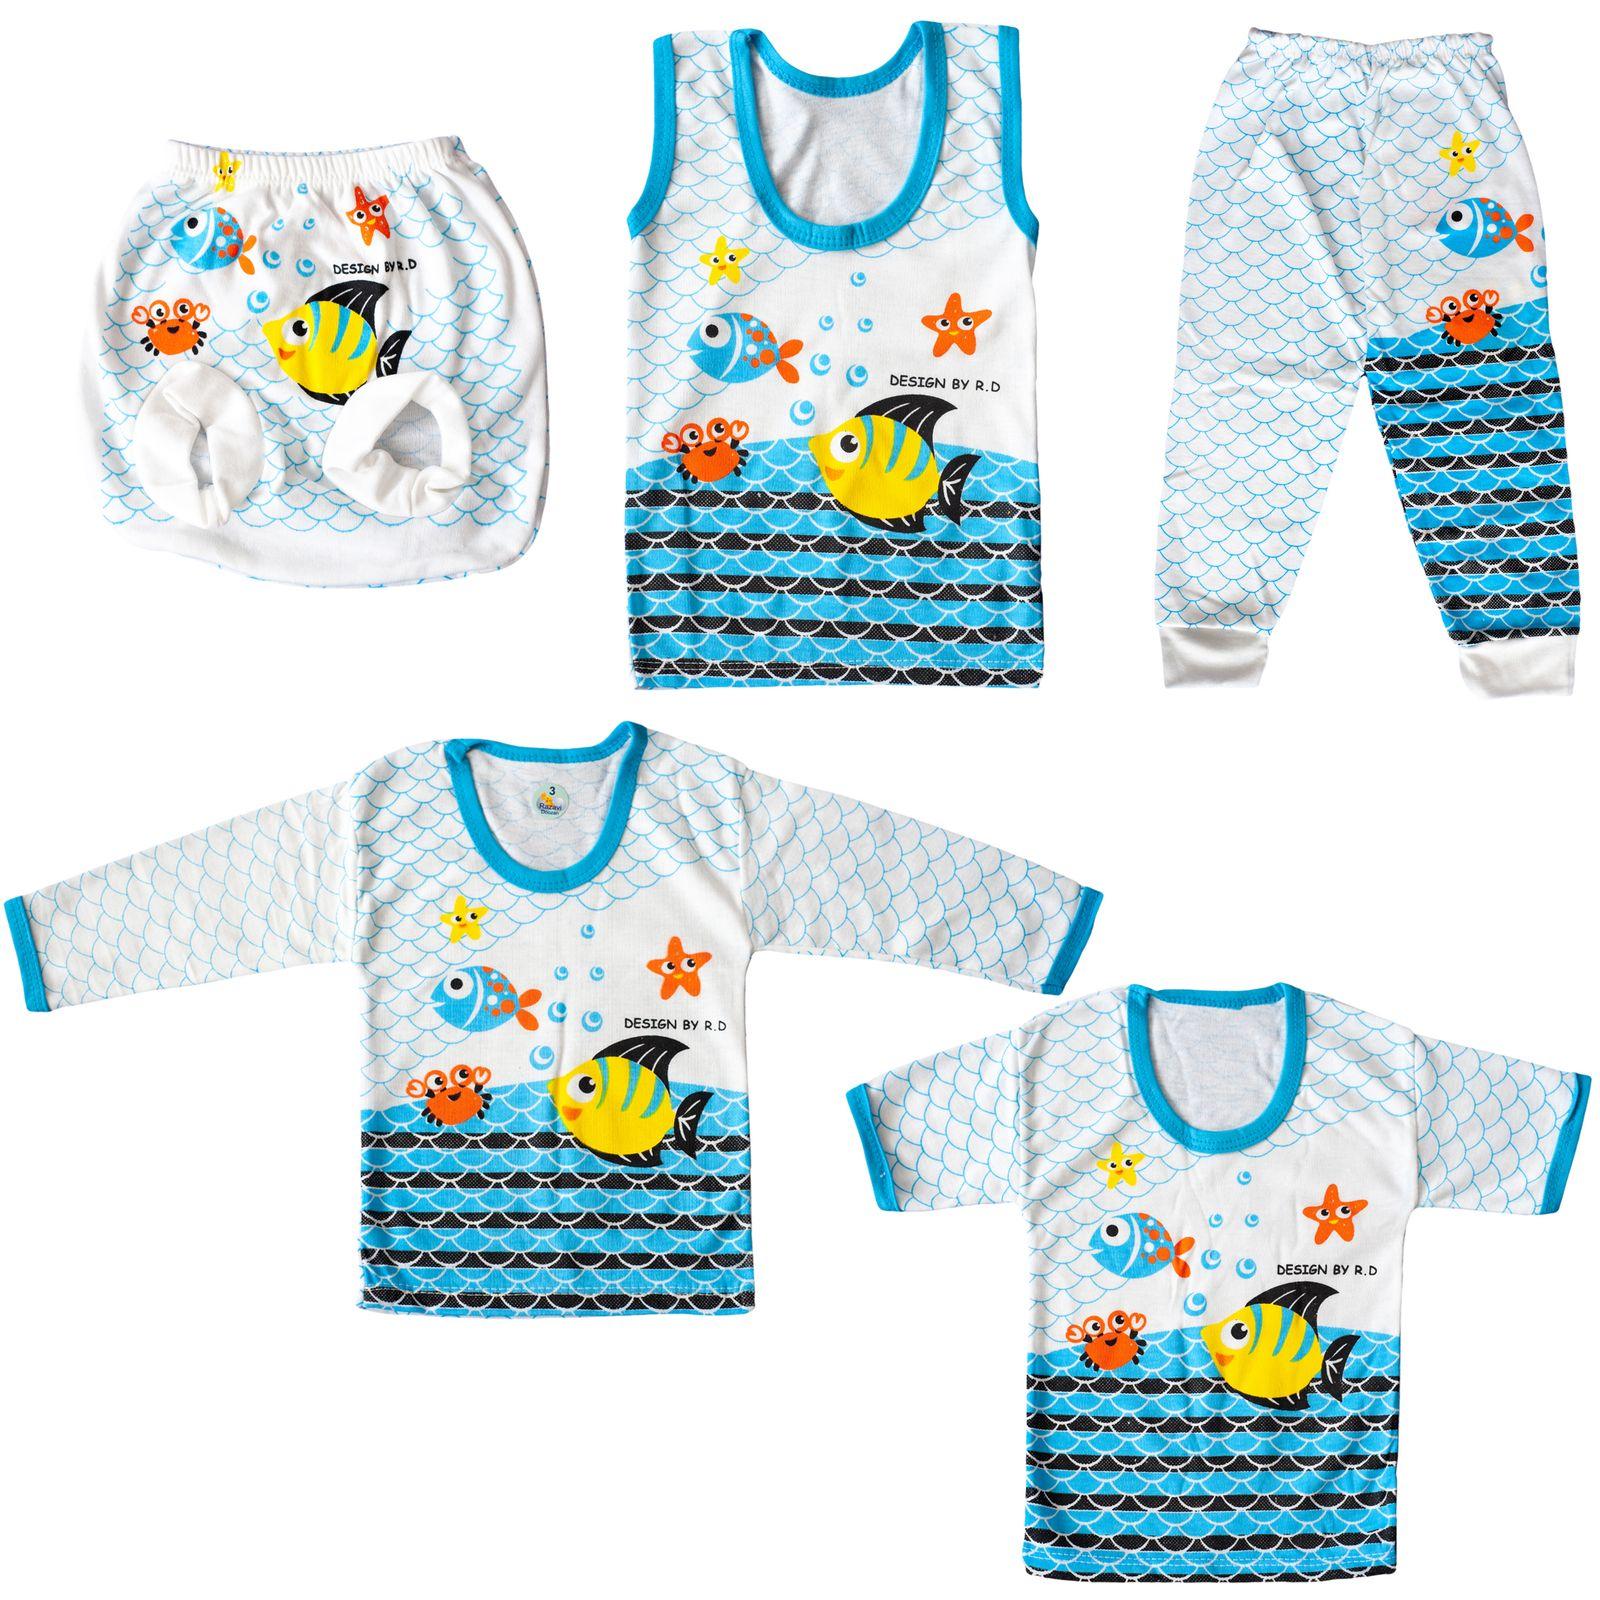 ست 5 تکه لباس نوزادی کد C15 -  - 1